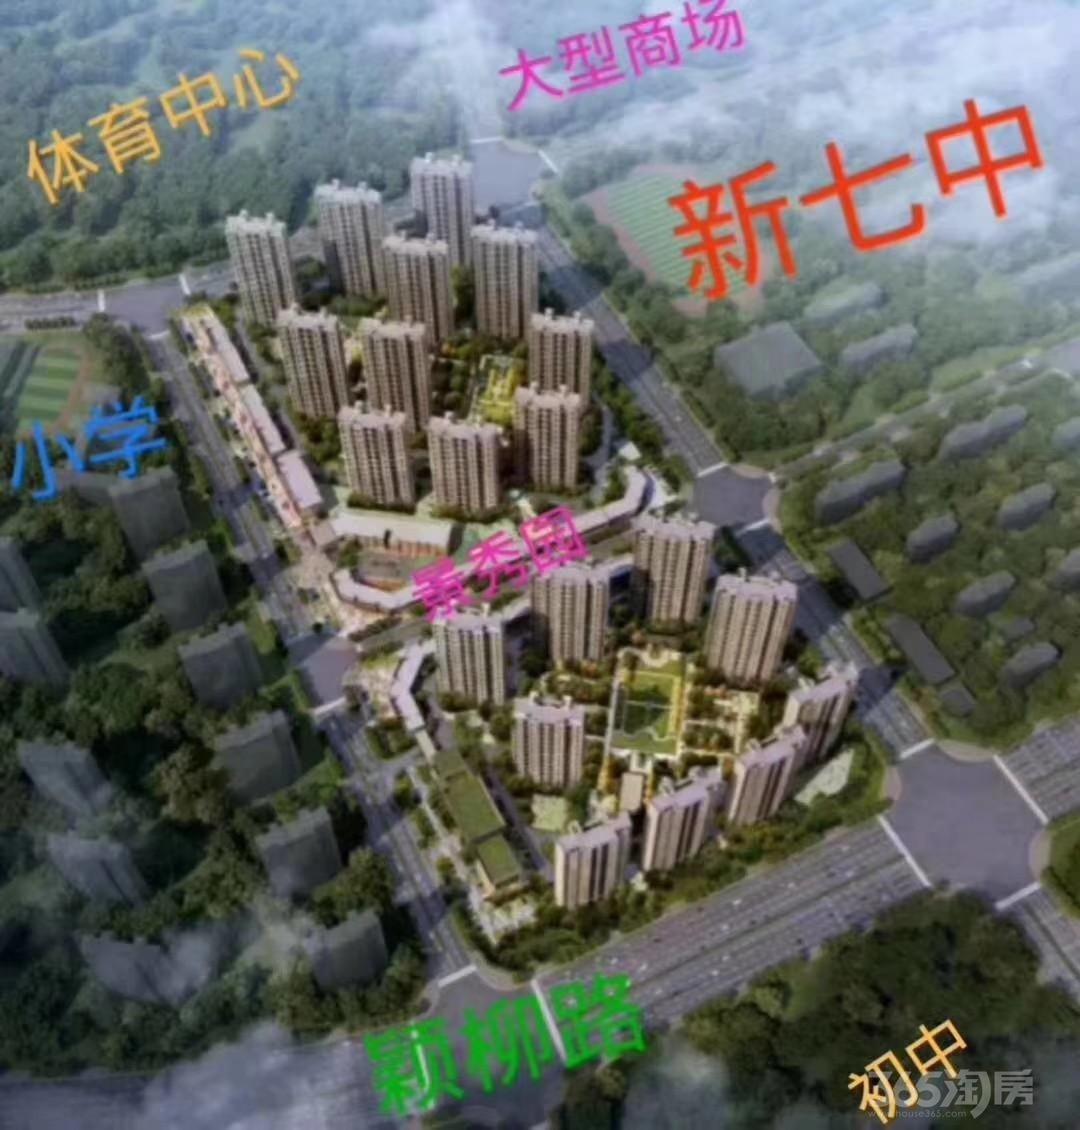 祥源生态城景秀园3室2厅1卫107平米1年产权房毛坯